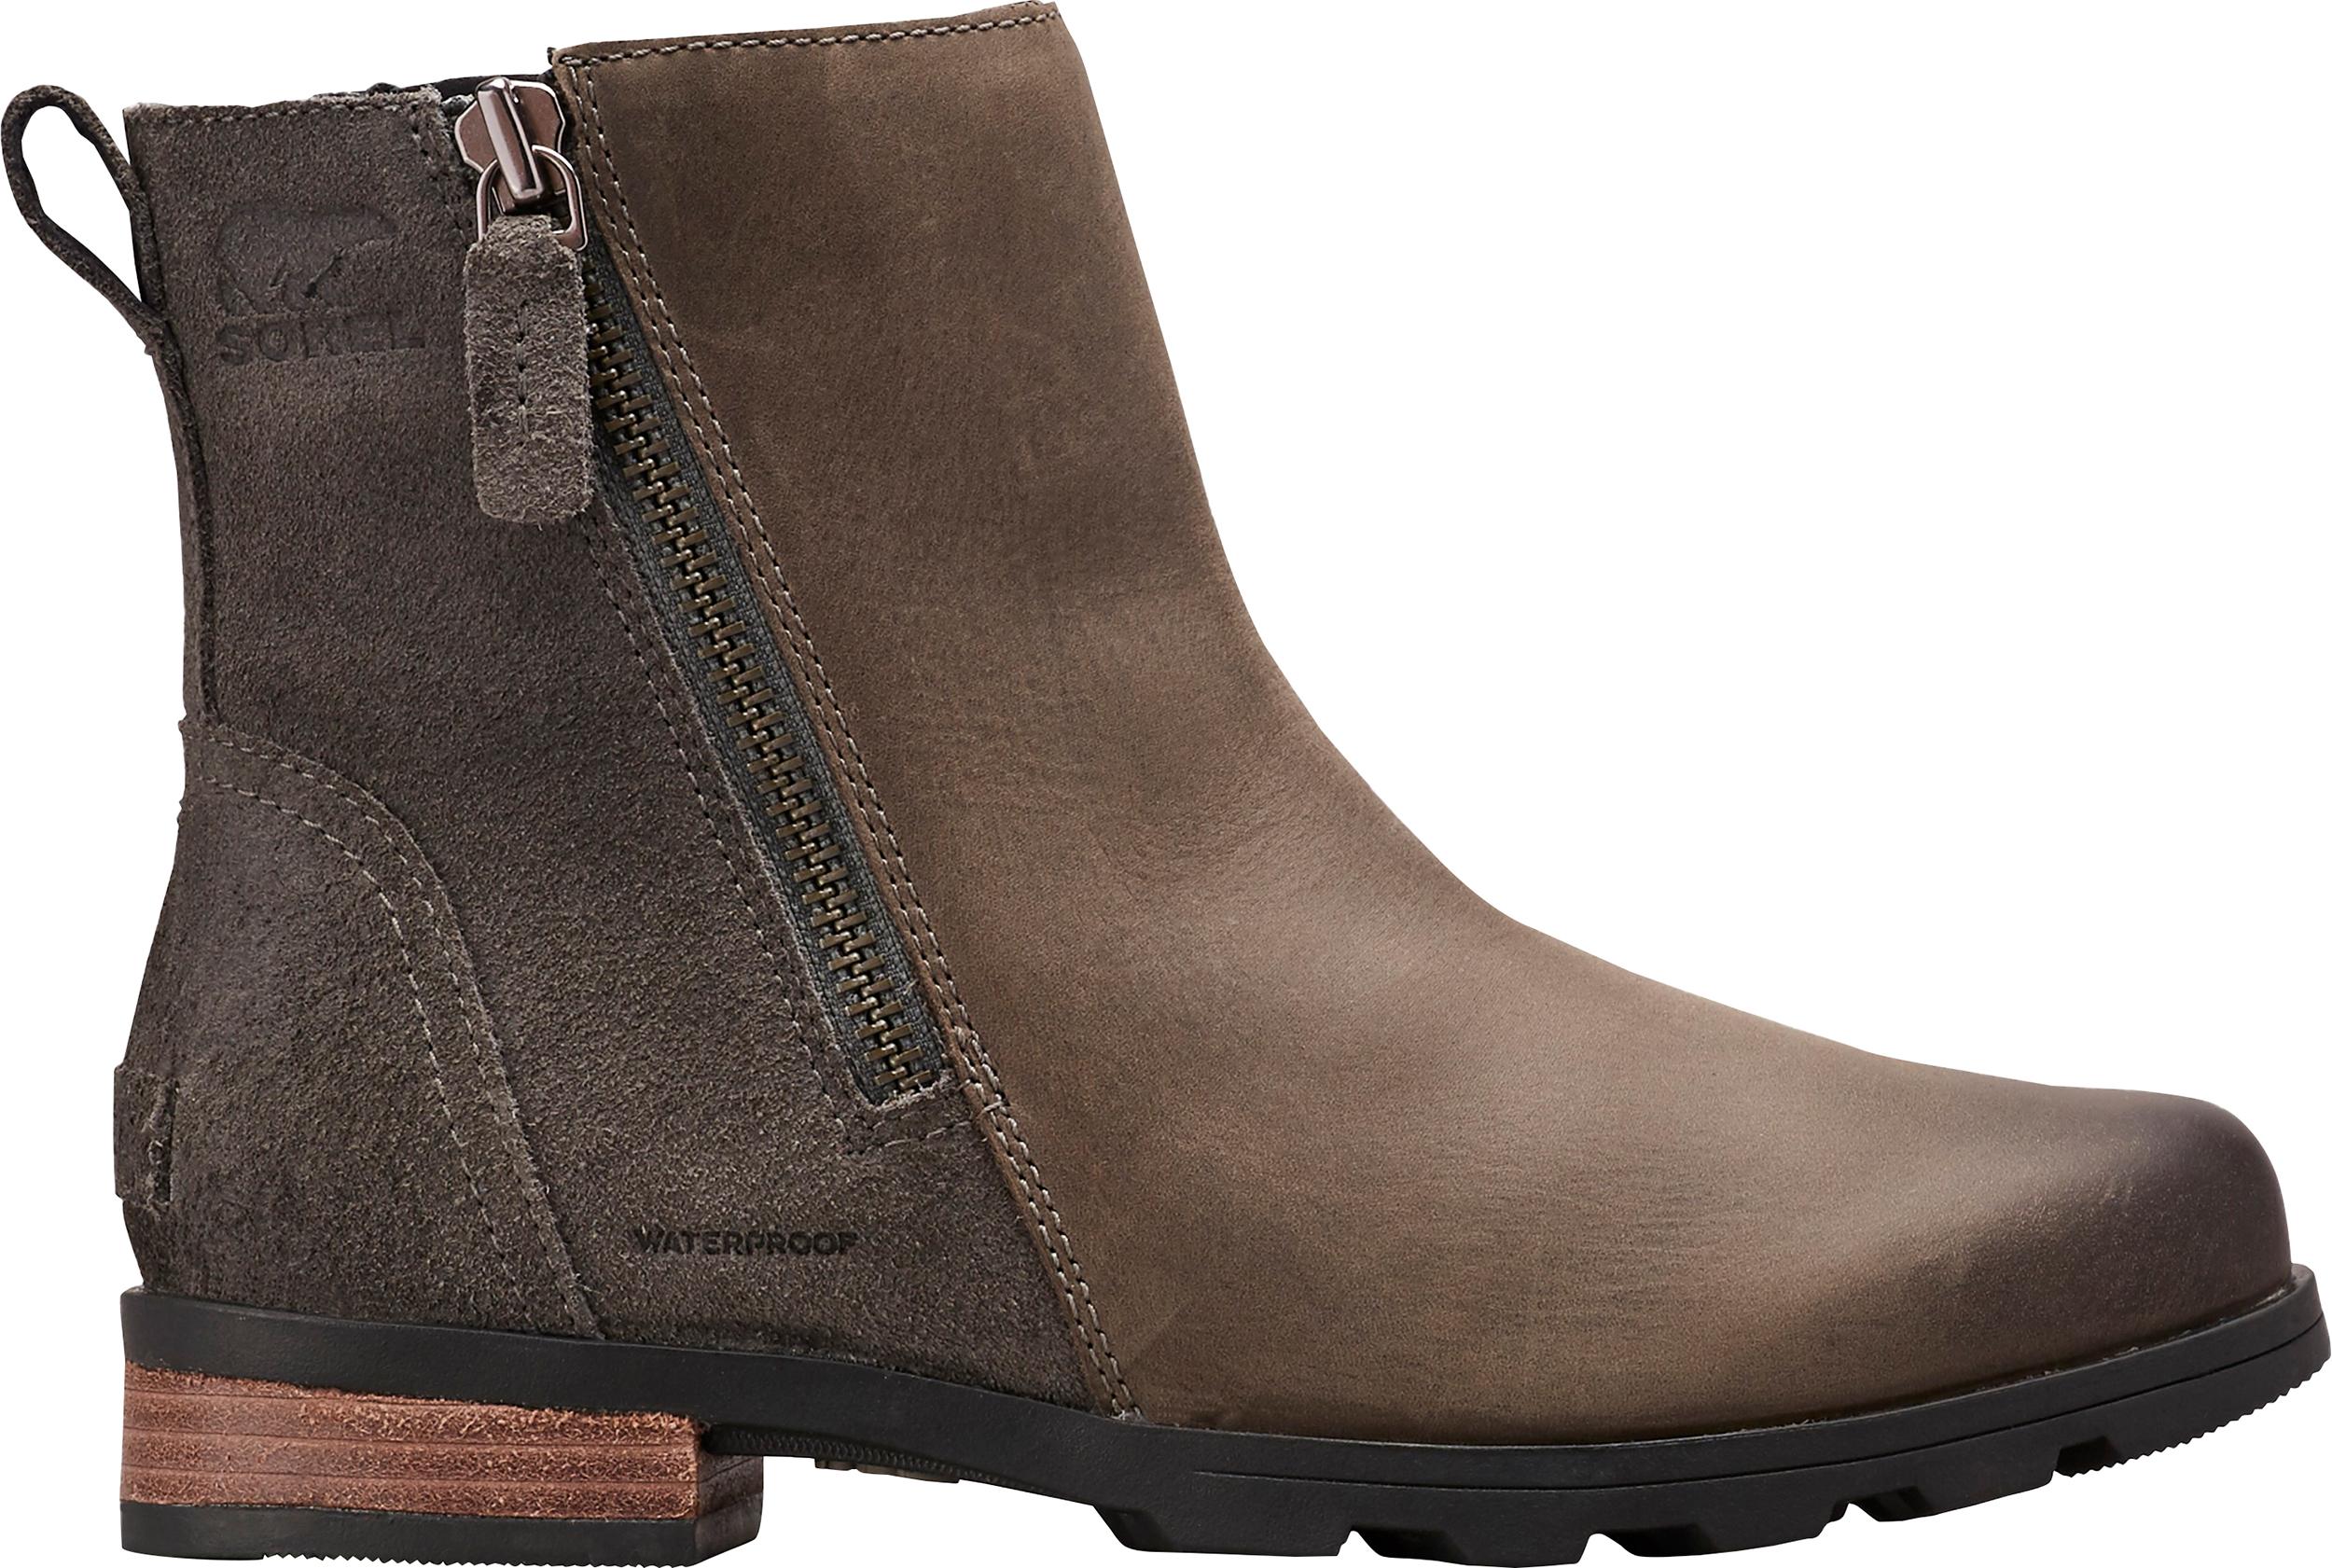 Sorel Emelie Waterproof Zip Boots